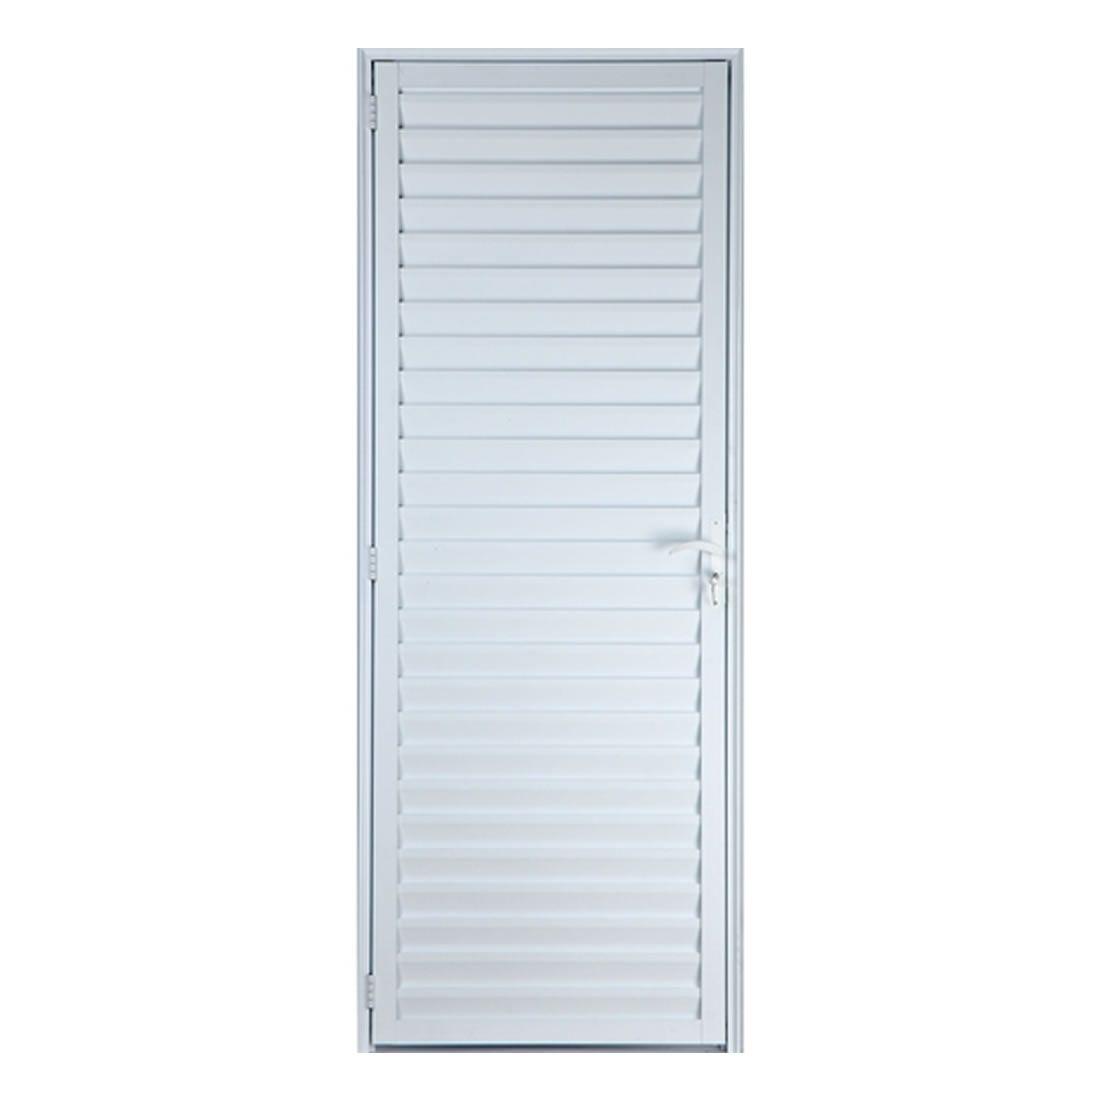 Porta Veneziana Lider 210 x 96 Esquerda Aluminío Branca